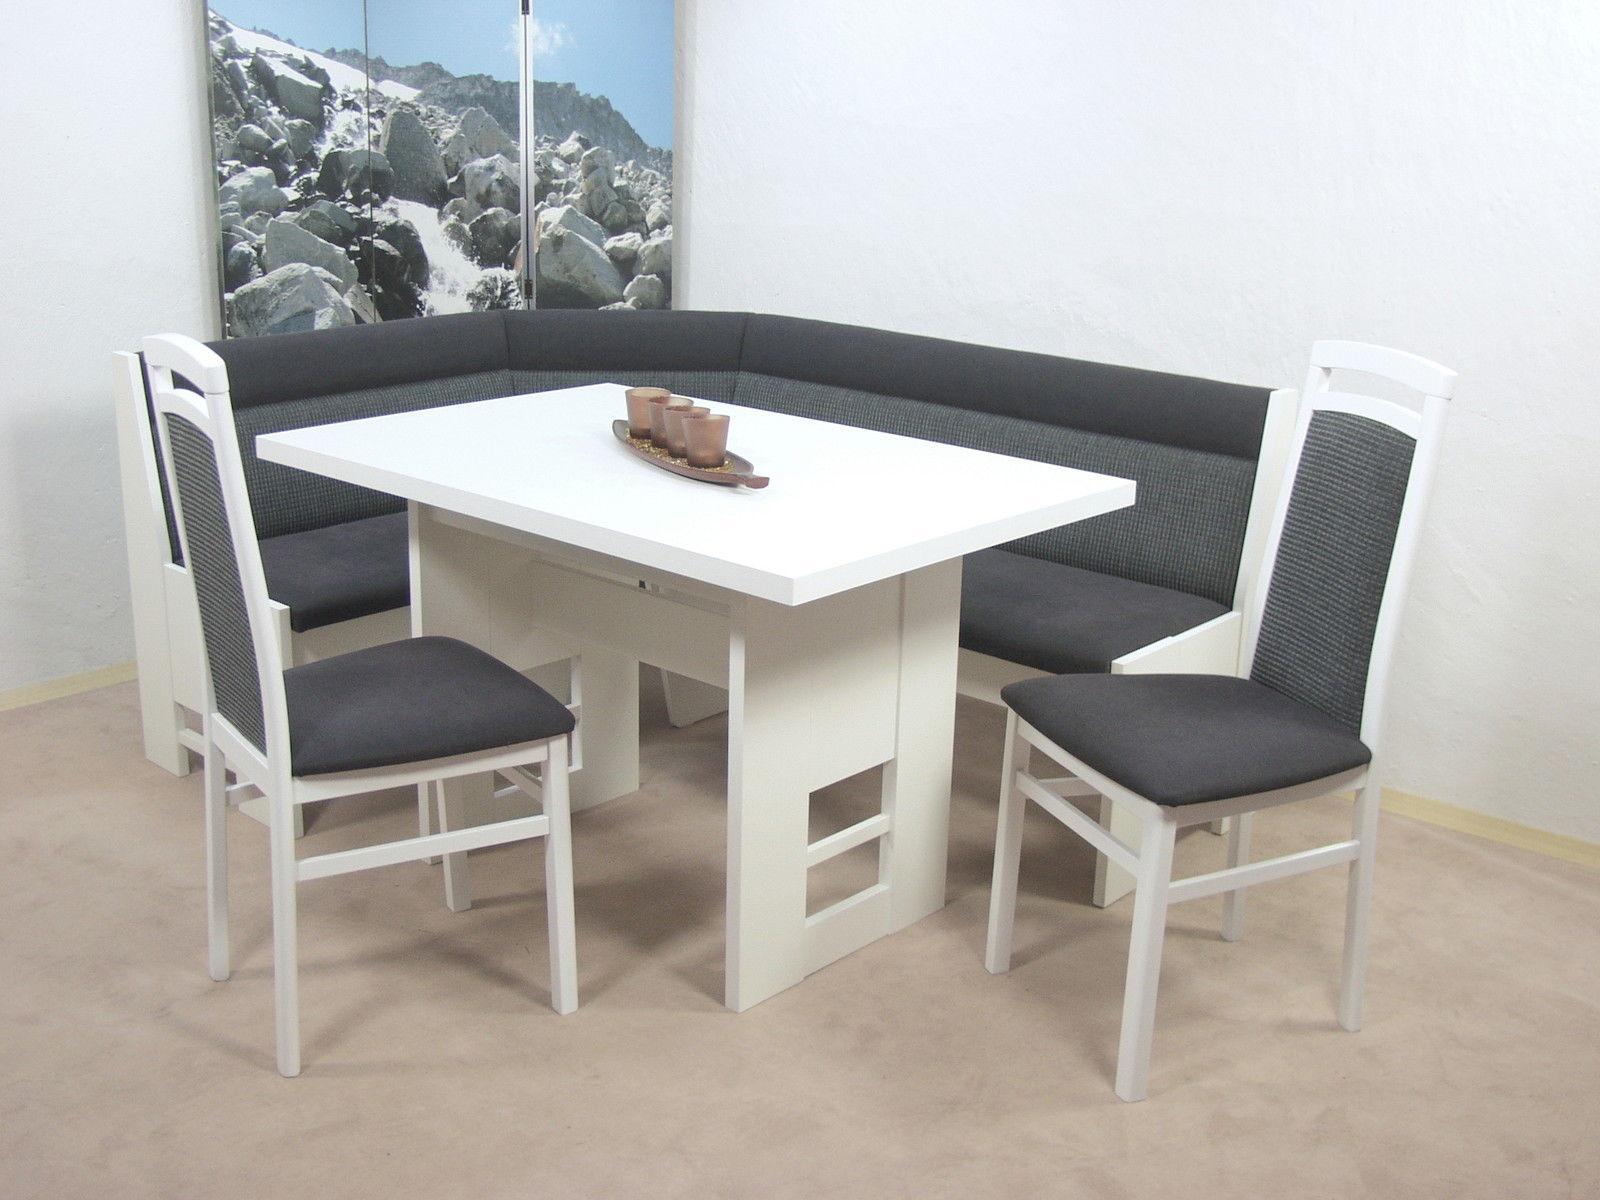 weisse truhe als couchtisch couchtisch holz wei modern. Black Bedroom Furniture Sets. Home Design Ideas